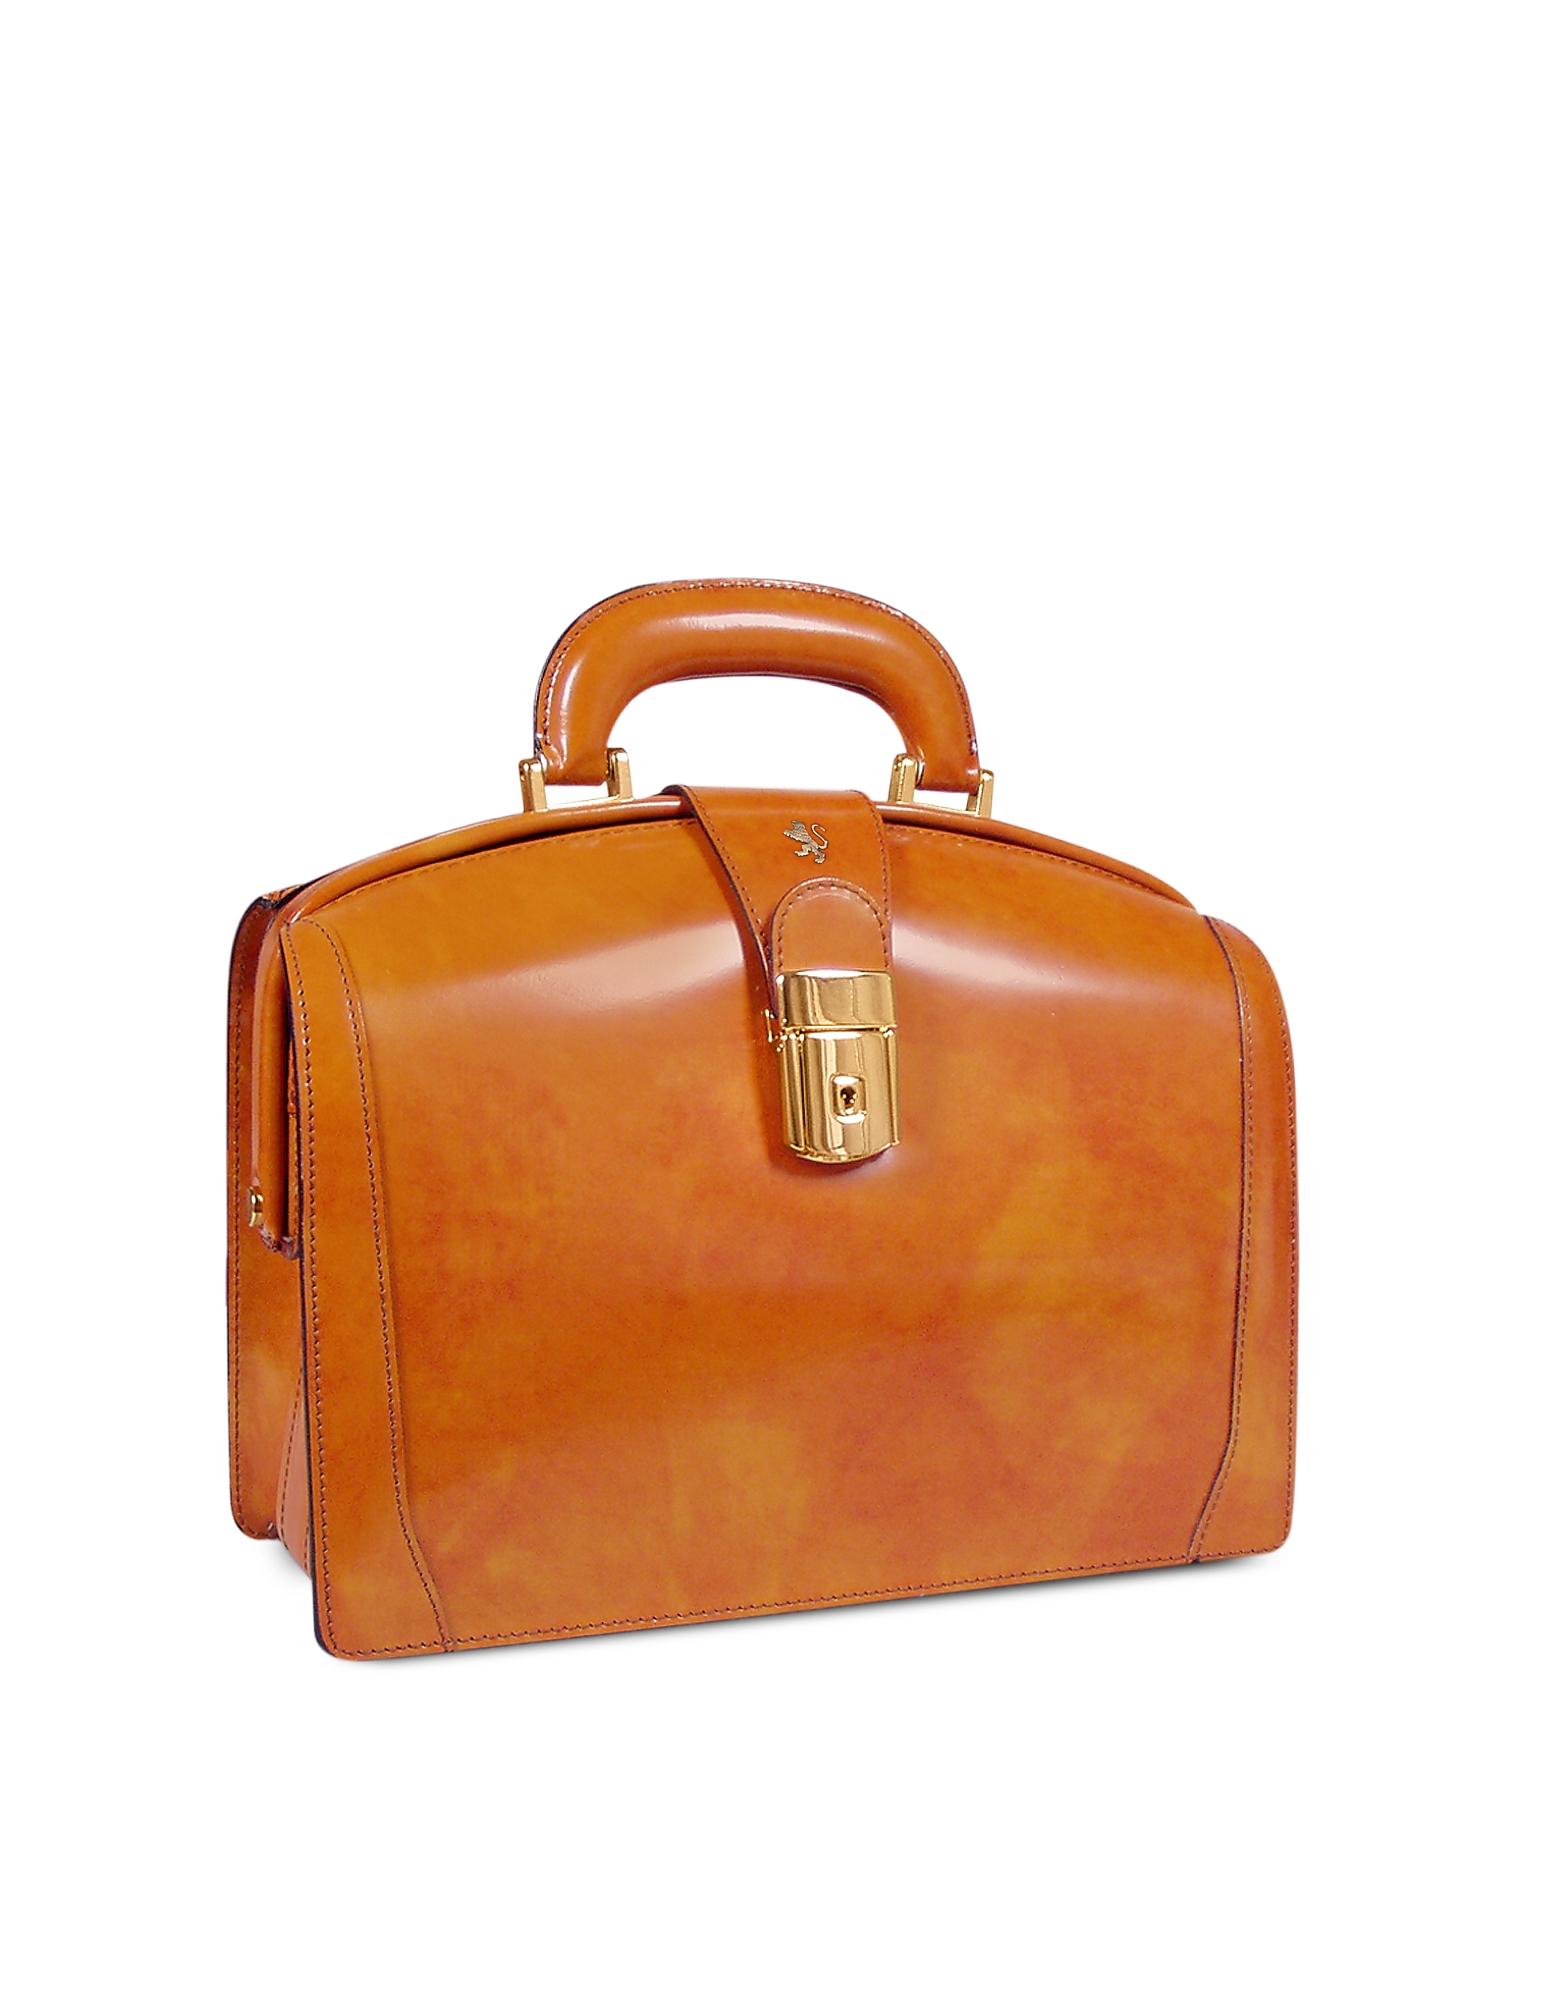 Pratesi Handbags, Ladies Polished Italian Leather Briefcase